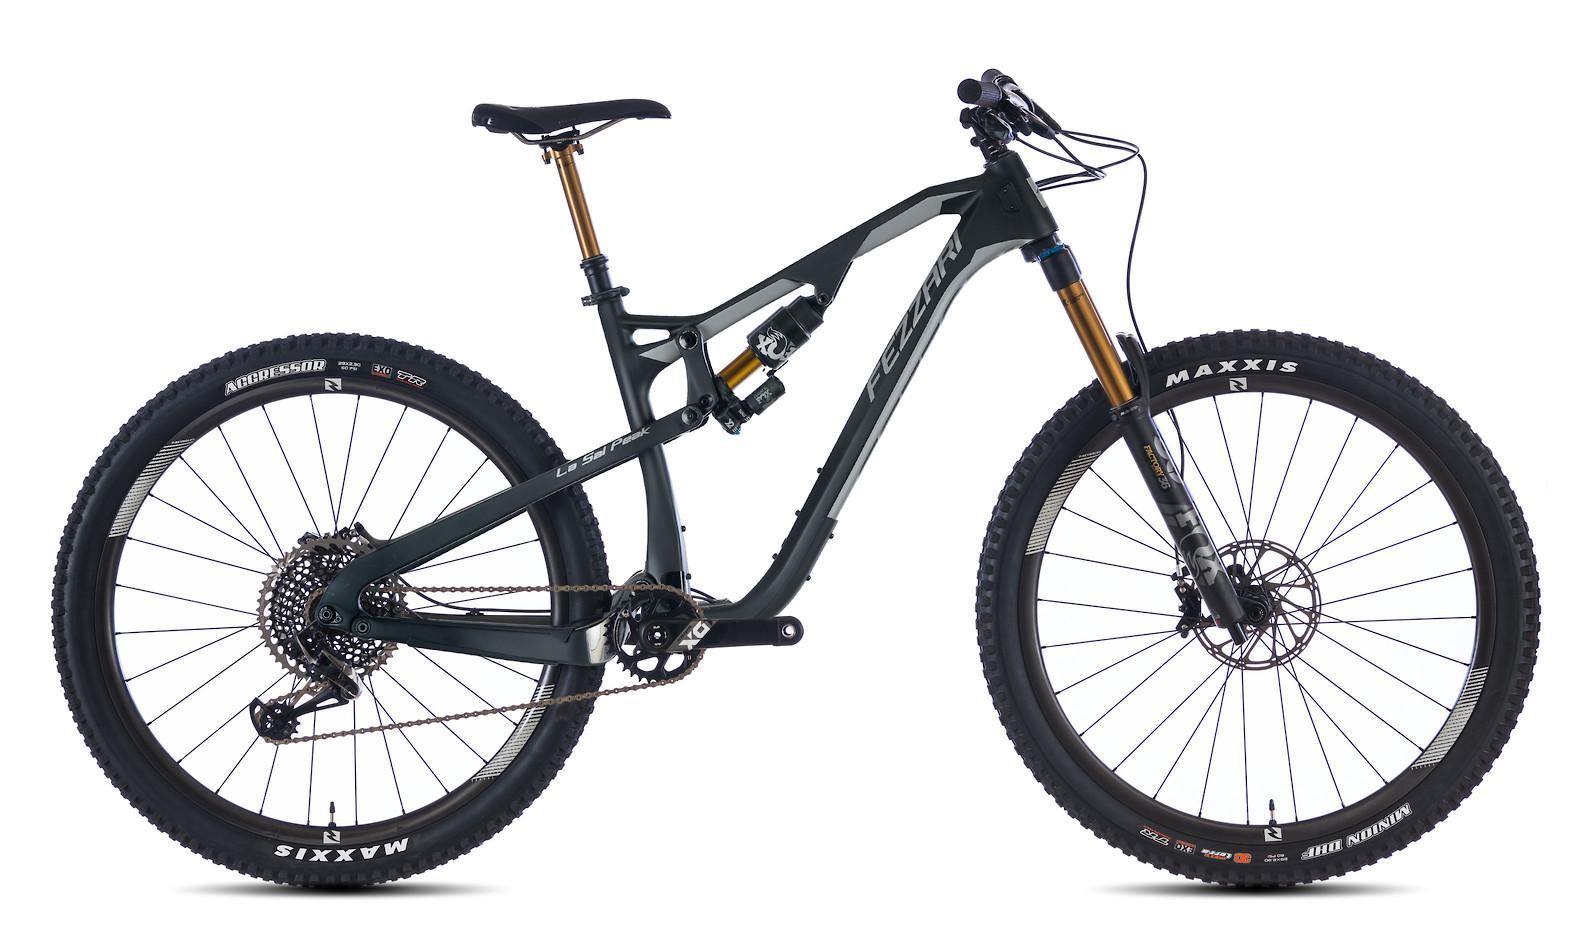 2020 Fezzari La Sal Peak Pro (Raw Carbon and Silver)